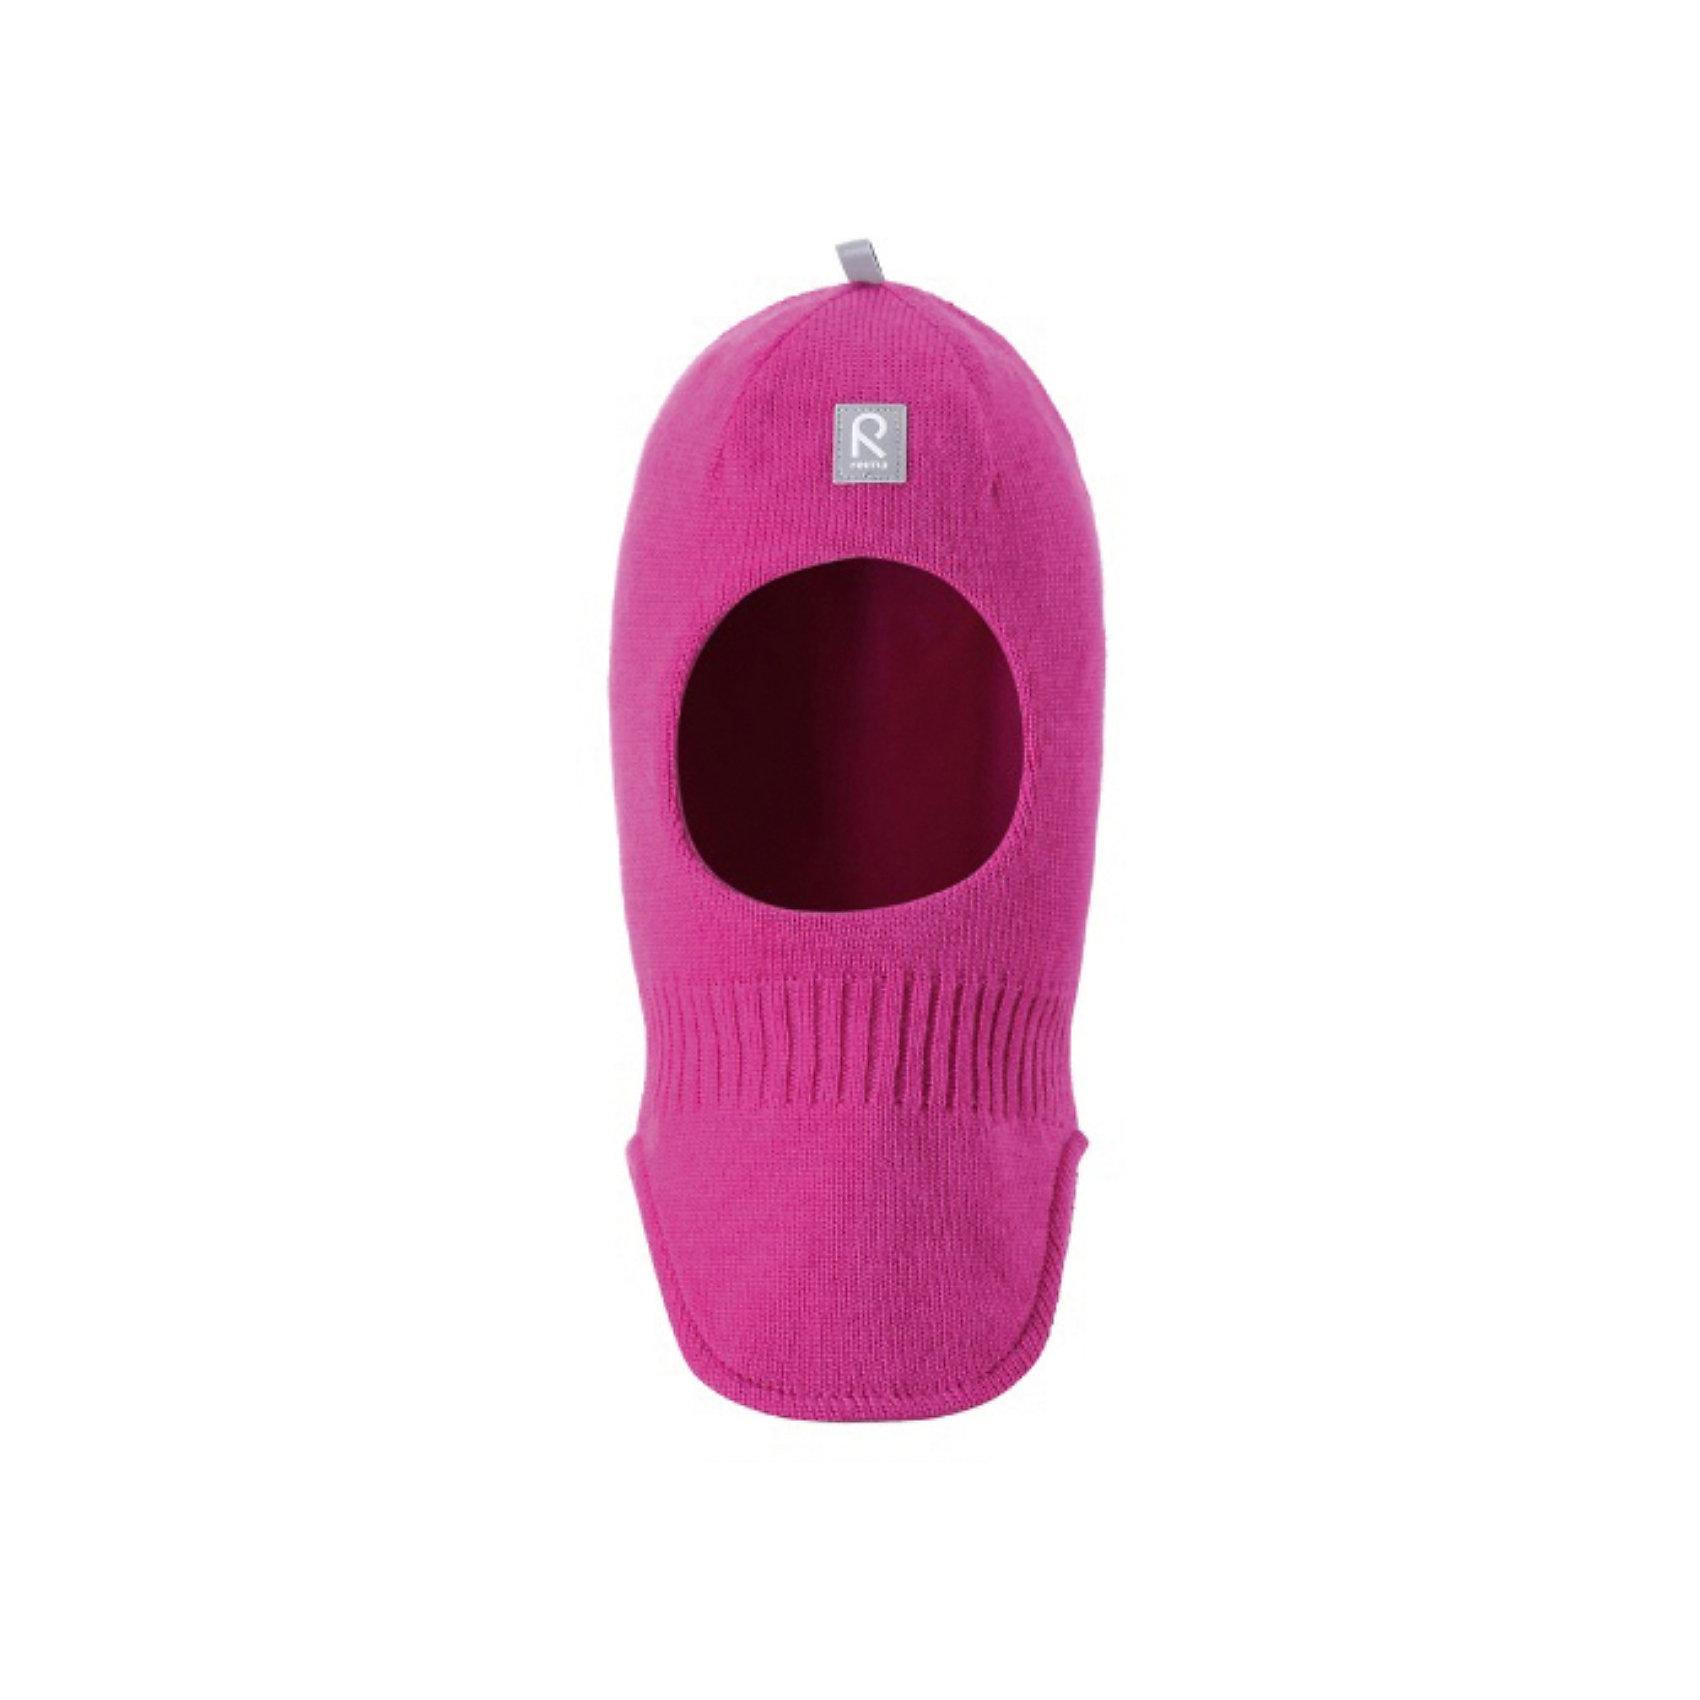 Шапка-шлем для девочки ReimaШапка-шлем от популярной финской марки Reima.<br>*Детская шапка-шлем, модель Original<br>Состав:<br>100% Шерсть; Подкладка 97% хлопок, 3% эластан<br><br>Ширина мм: 89<br>Глубина мм: 117<br>Высота мм: 44<br>Вес г: 155<br>Цвет: розовый<br>Возраст от месяцев: 12<br>Возраст до месяцев: 18<br>Пол: Женский<br>Возраст: Детский<br>Размер: 48,54,52,50,46<br>SKU: 3748467